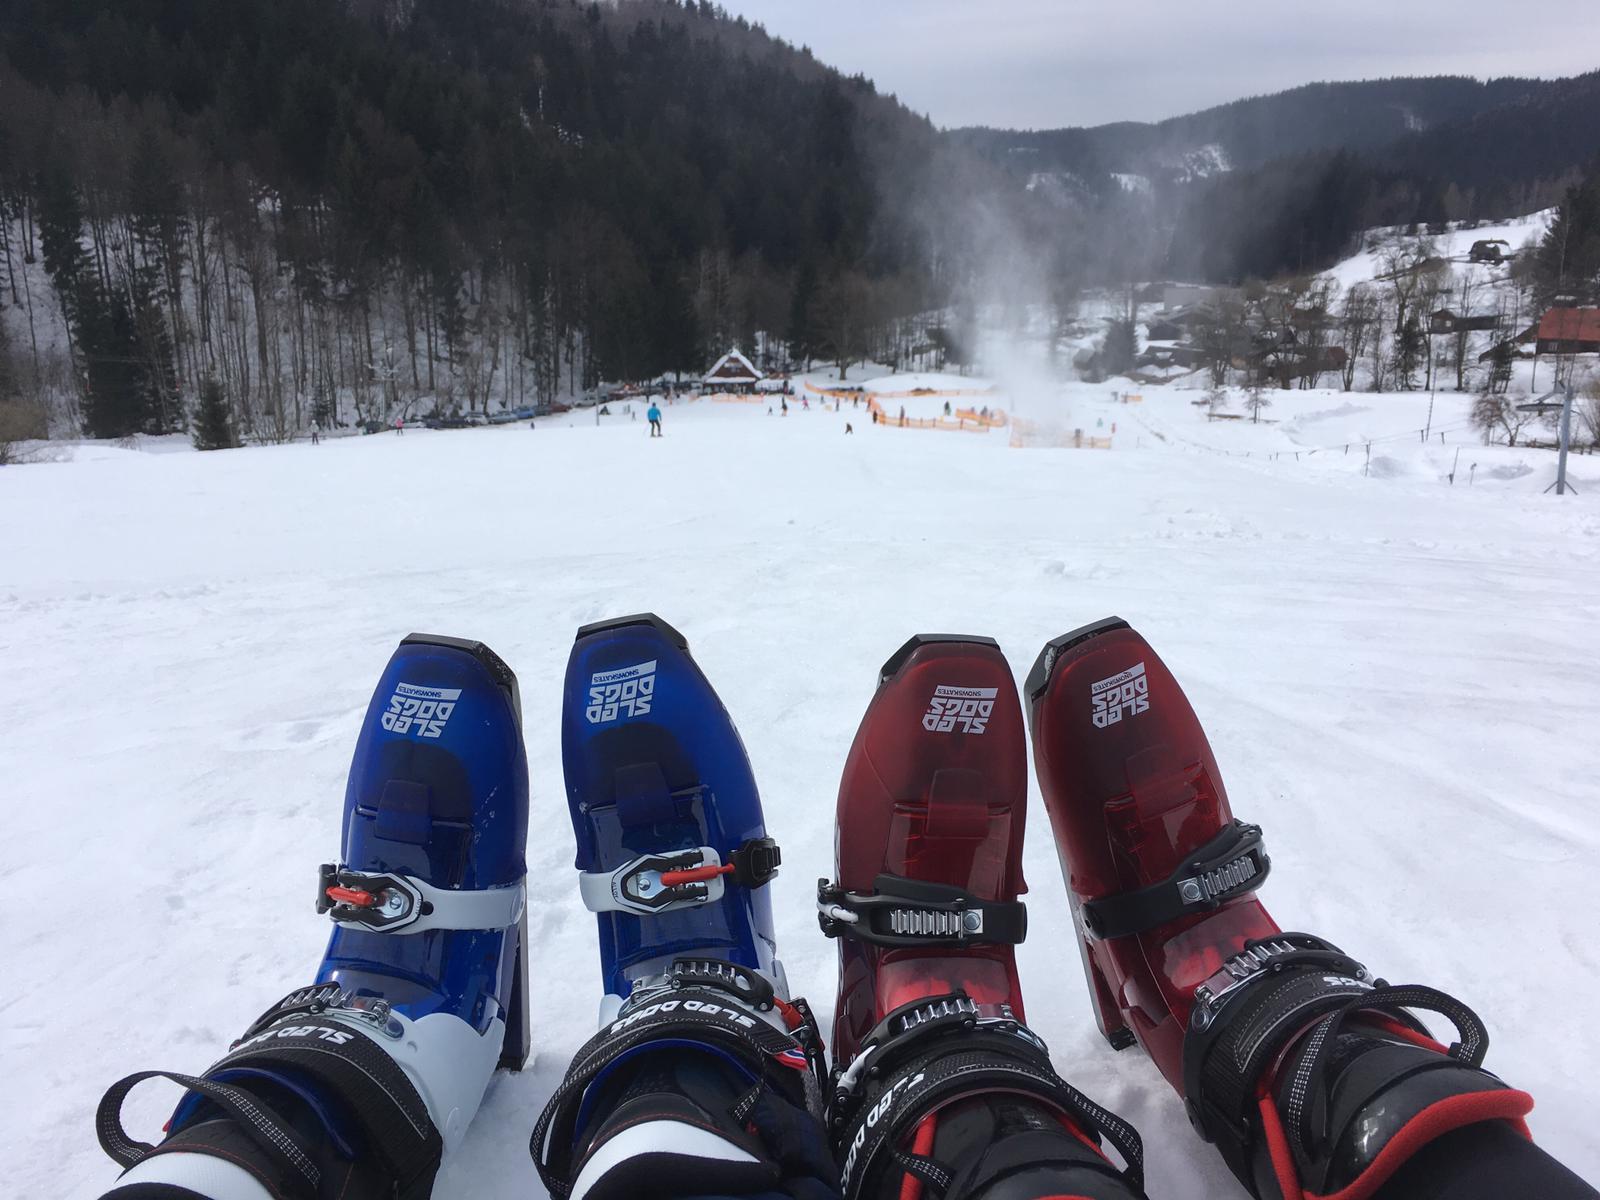 Sněžné brusle Sled dogs. Komu to moc nejde na lyžích, zamiluje si je.